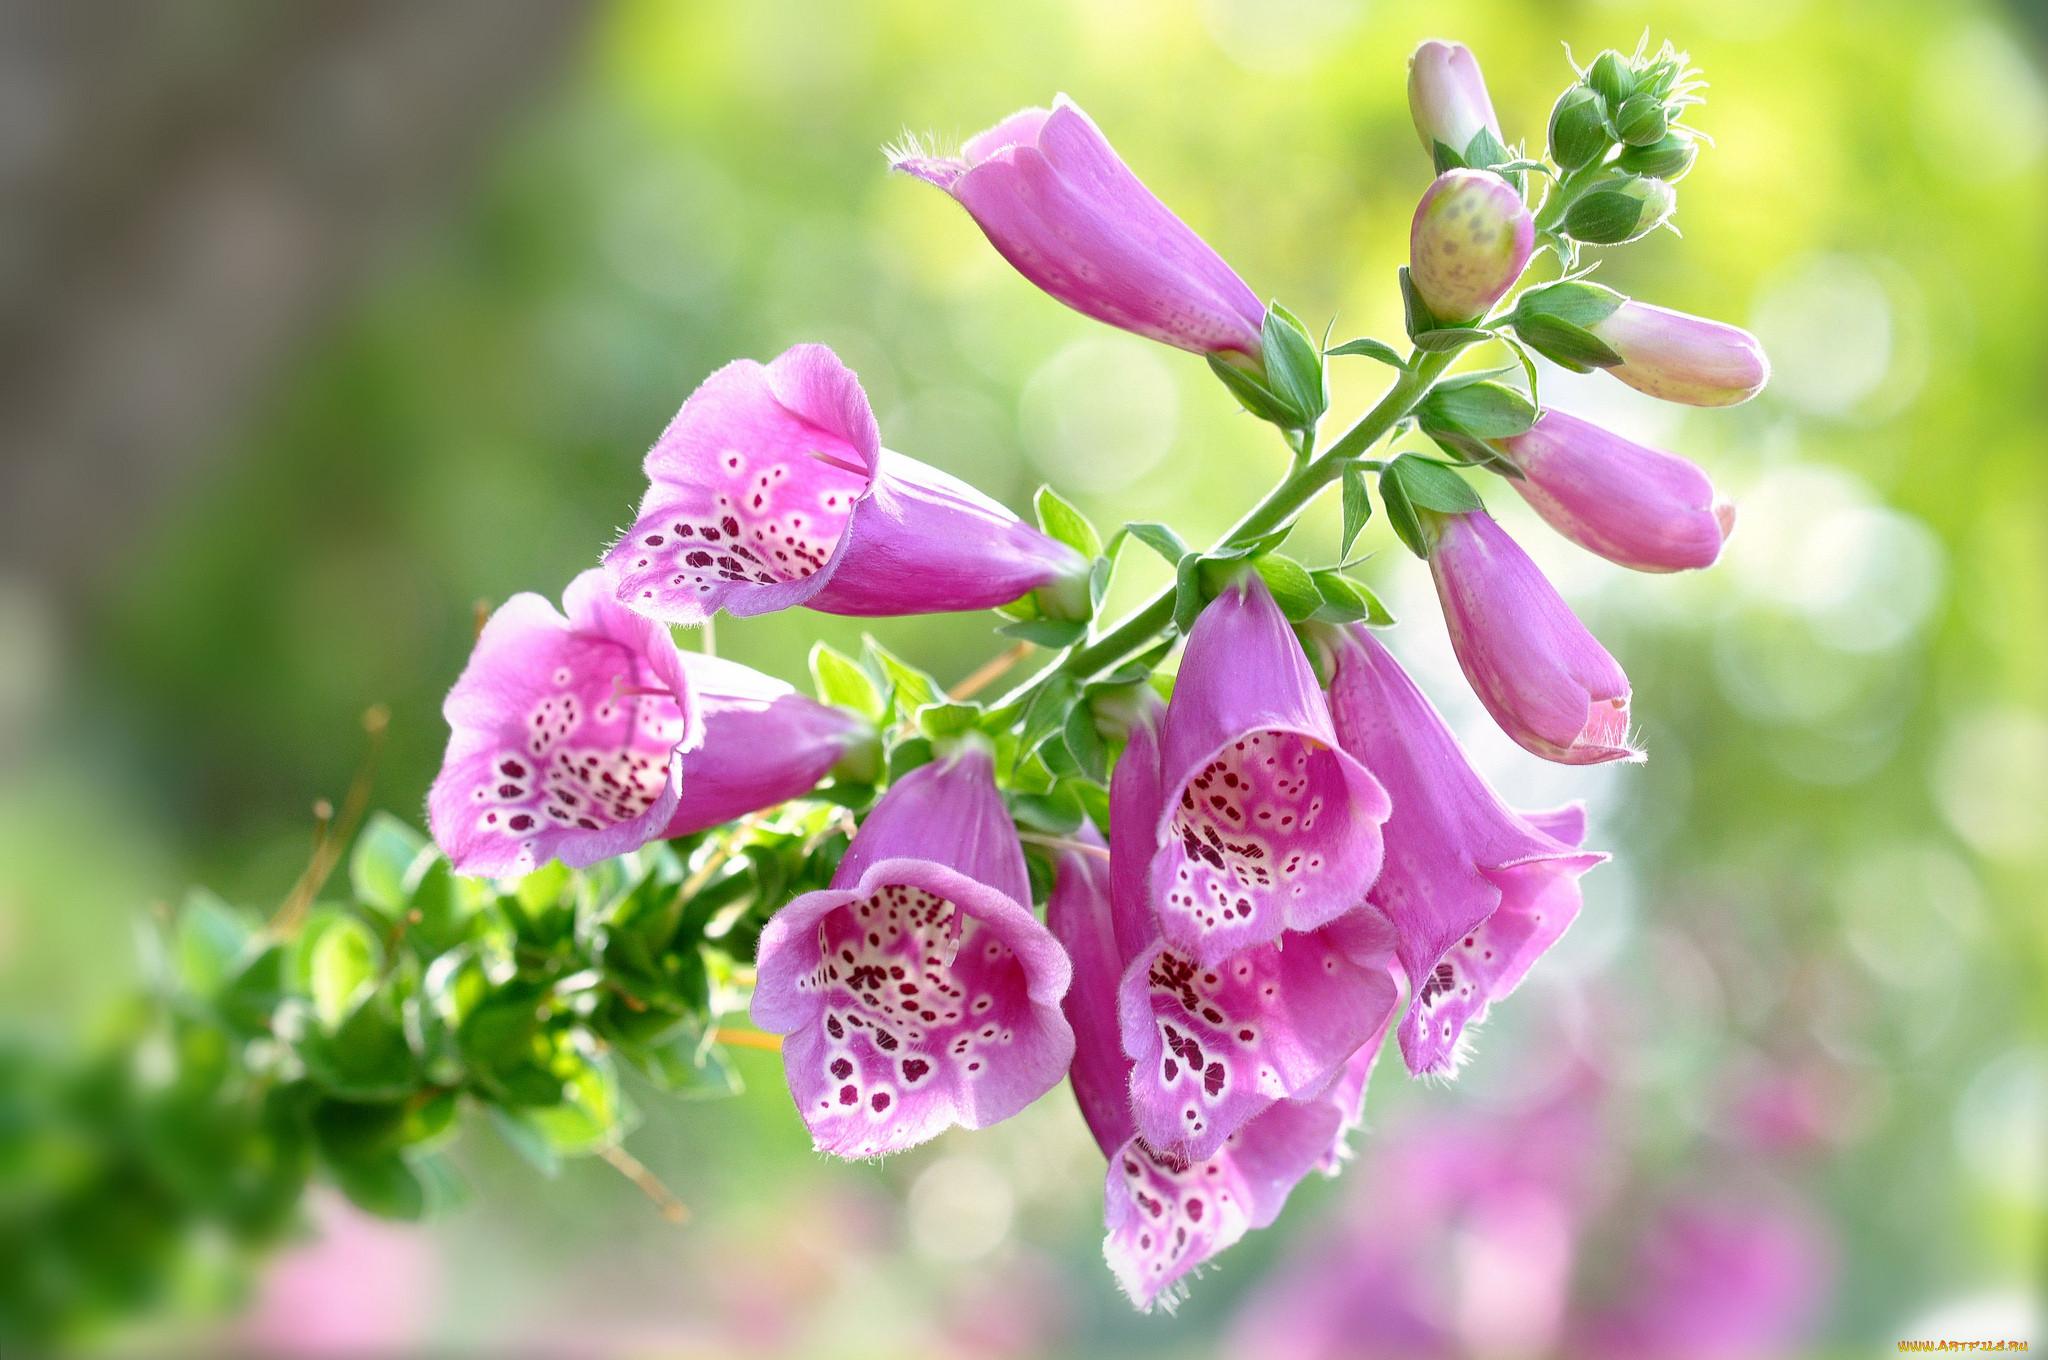 цветы, дигиталис наперстянка, наперстянка